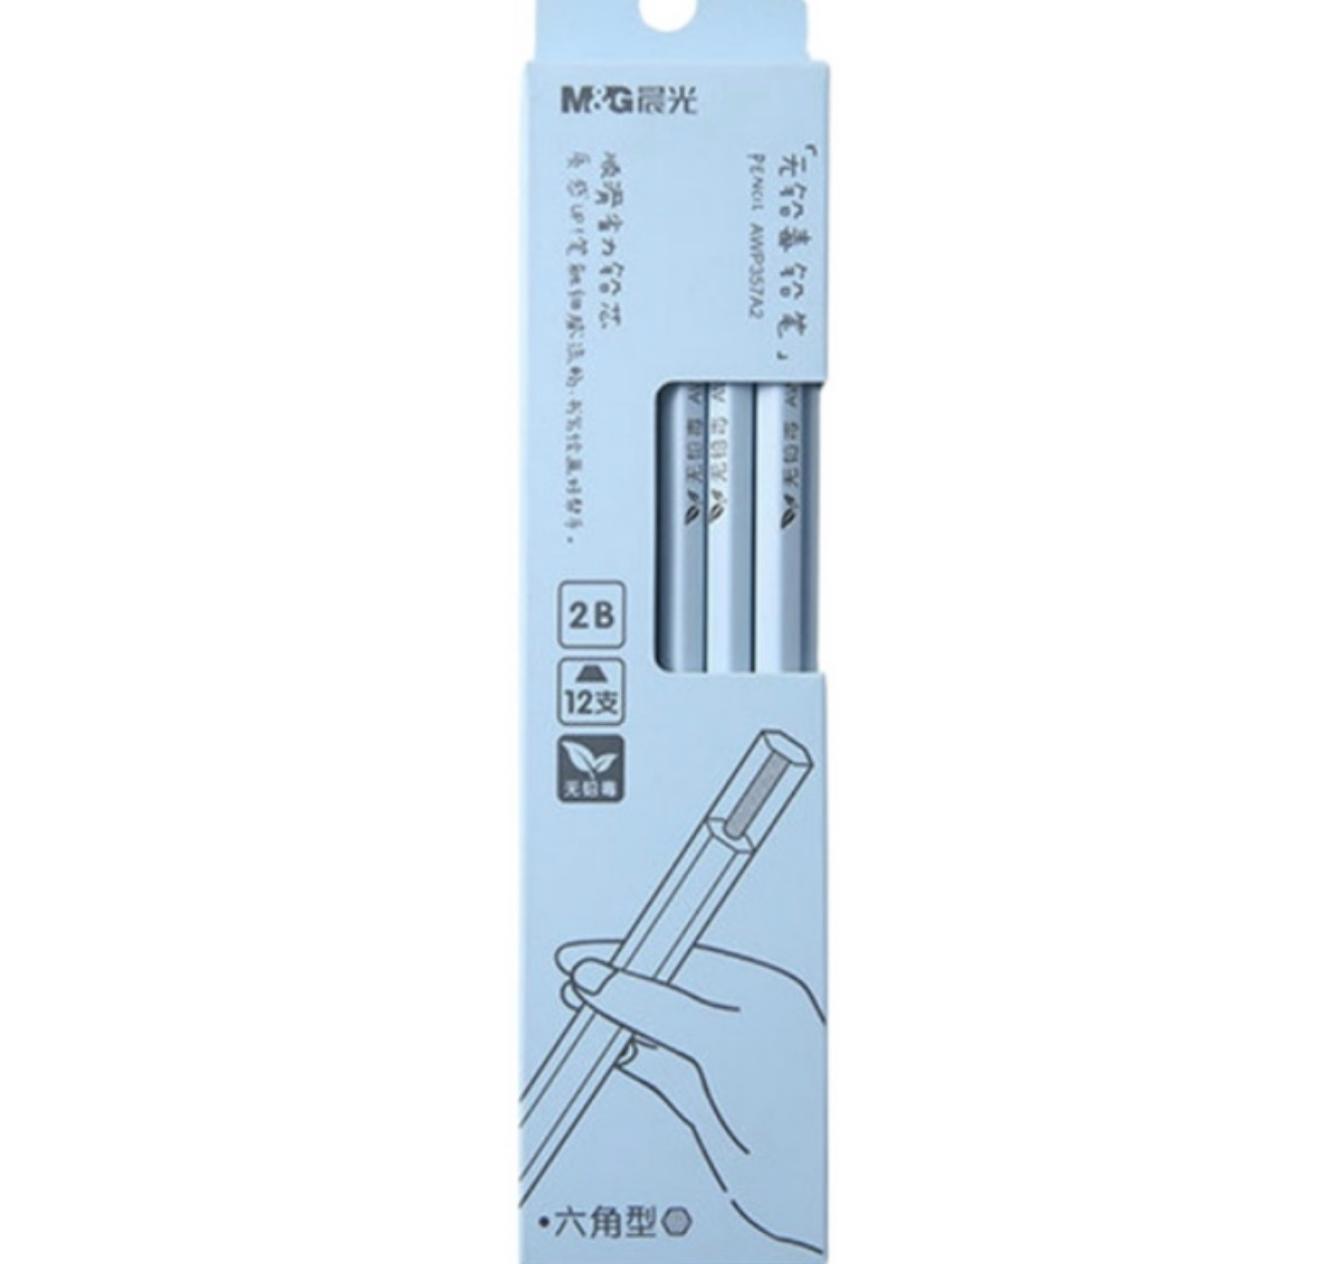 AWP357A2 2B Hexagon Wood Pencil